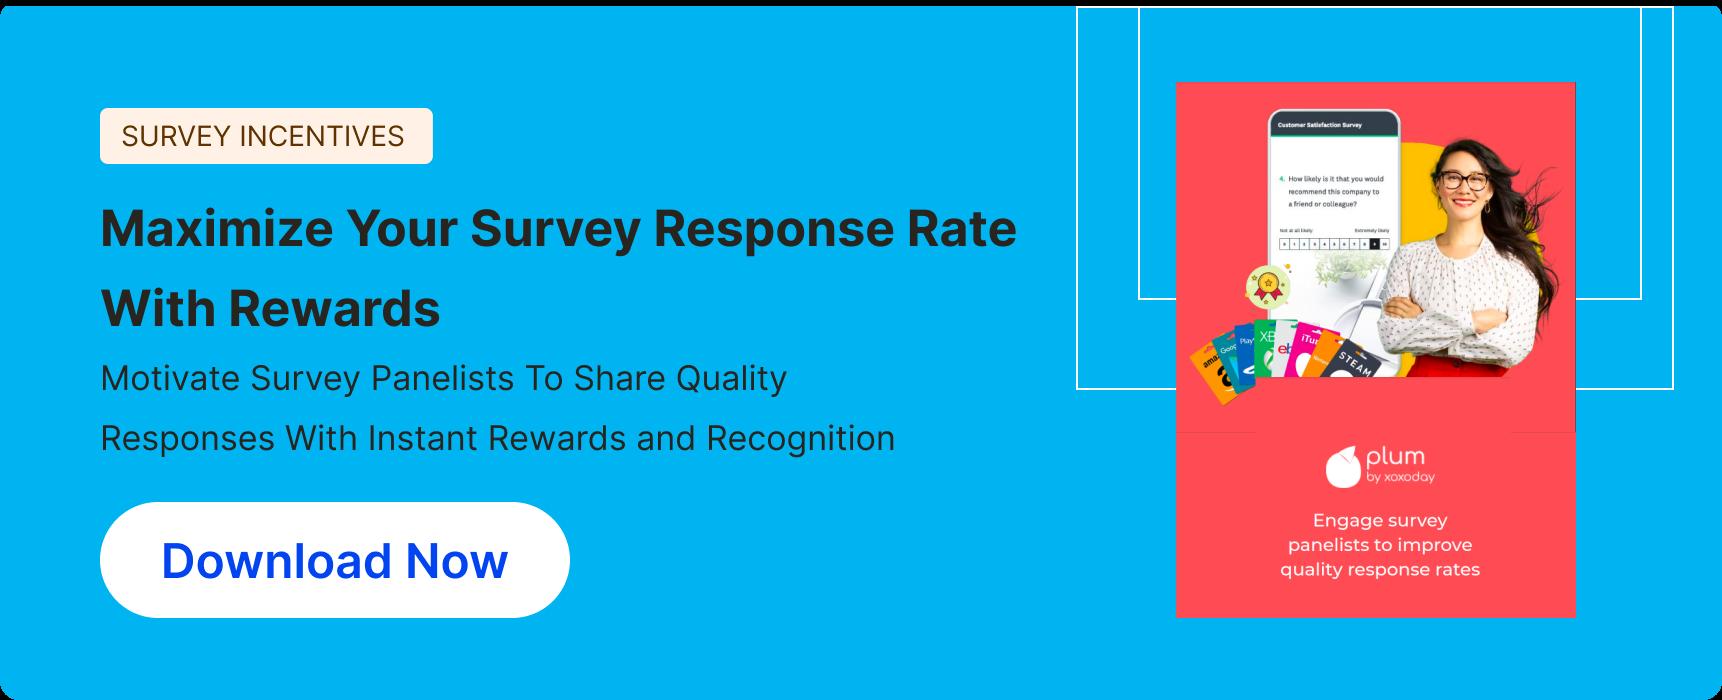 Survey Incentives